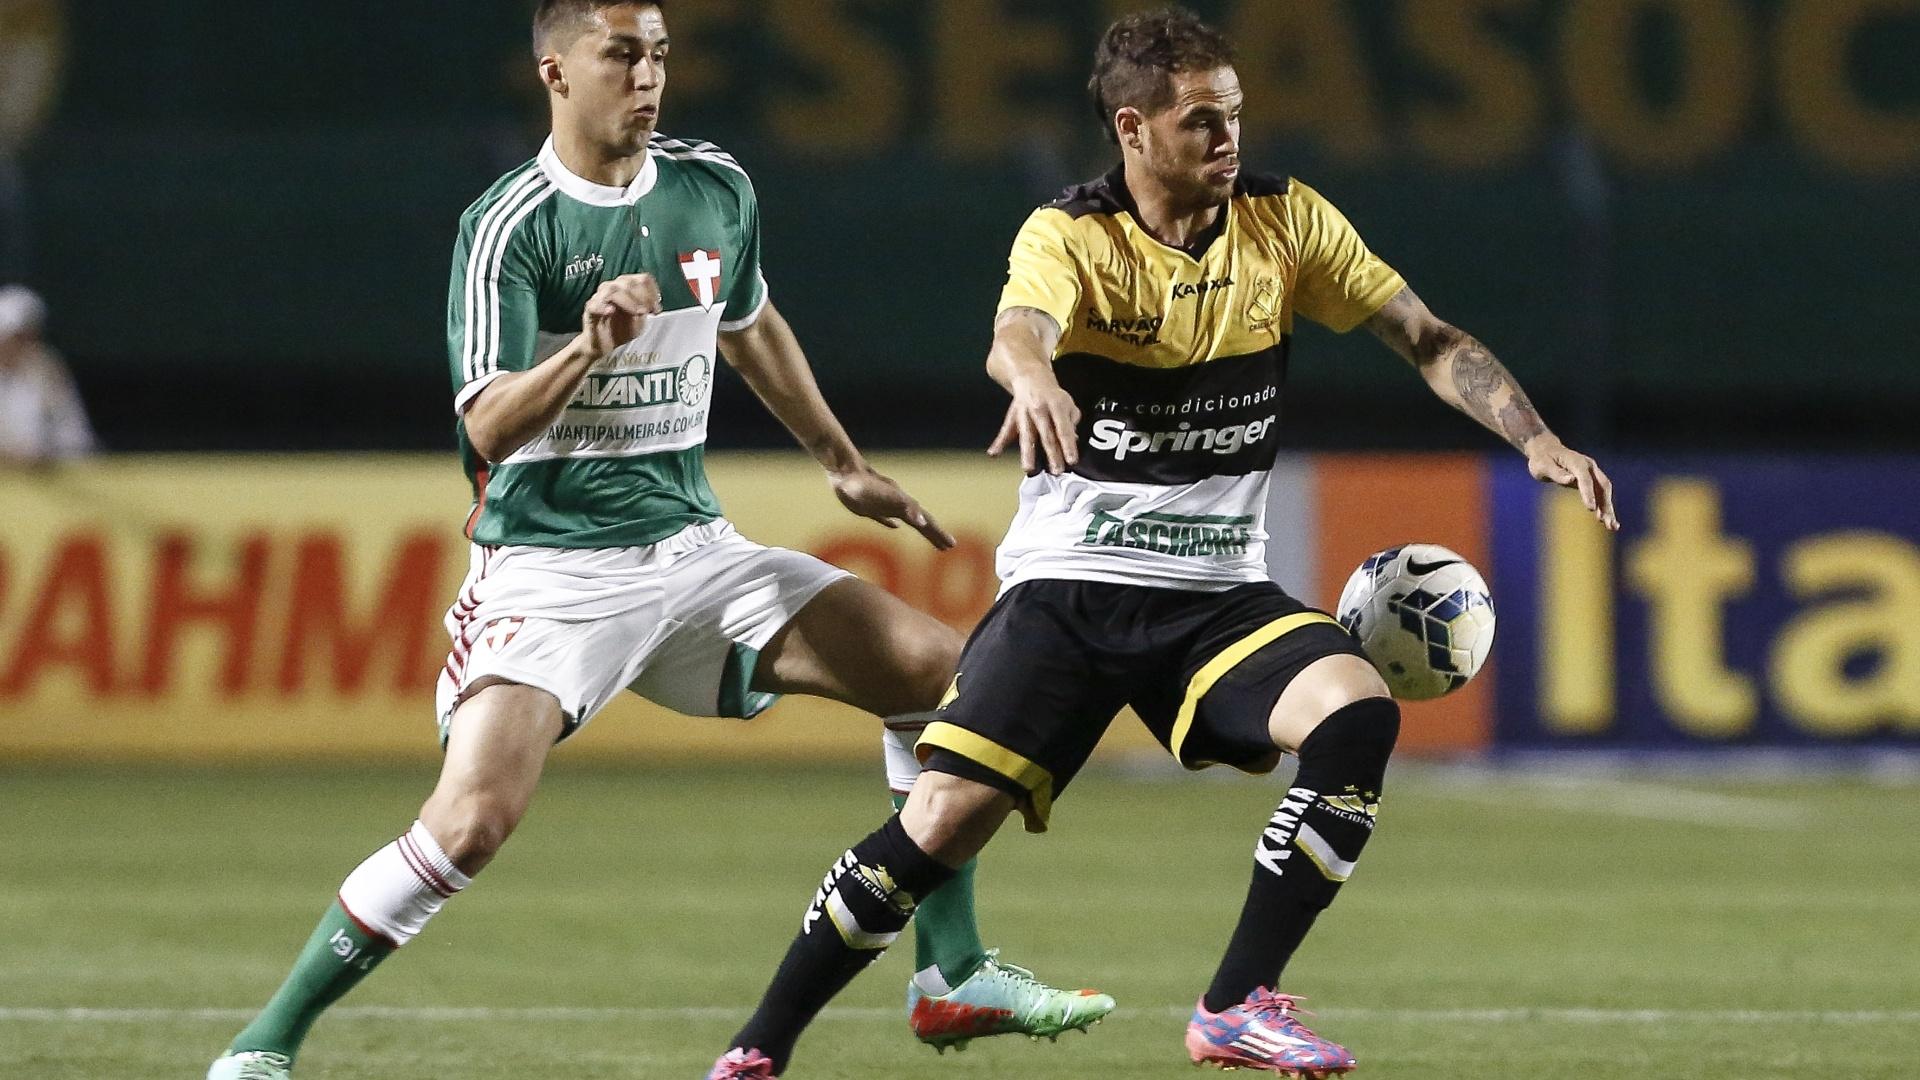 Tobio tenta evitar jogada de Silvinho na partida entre Palmeiras e Criciúma pelo Brasileirão